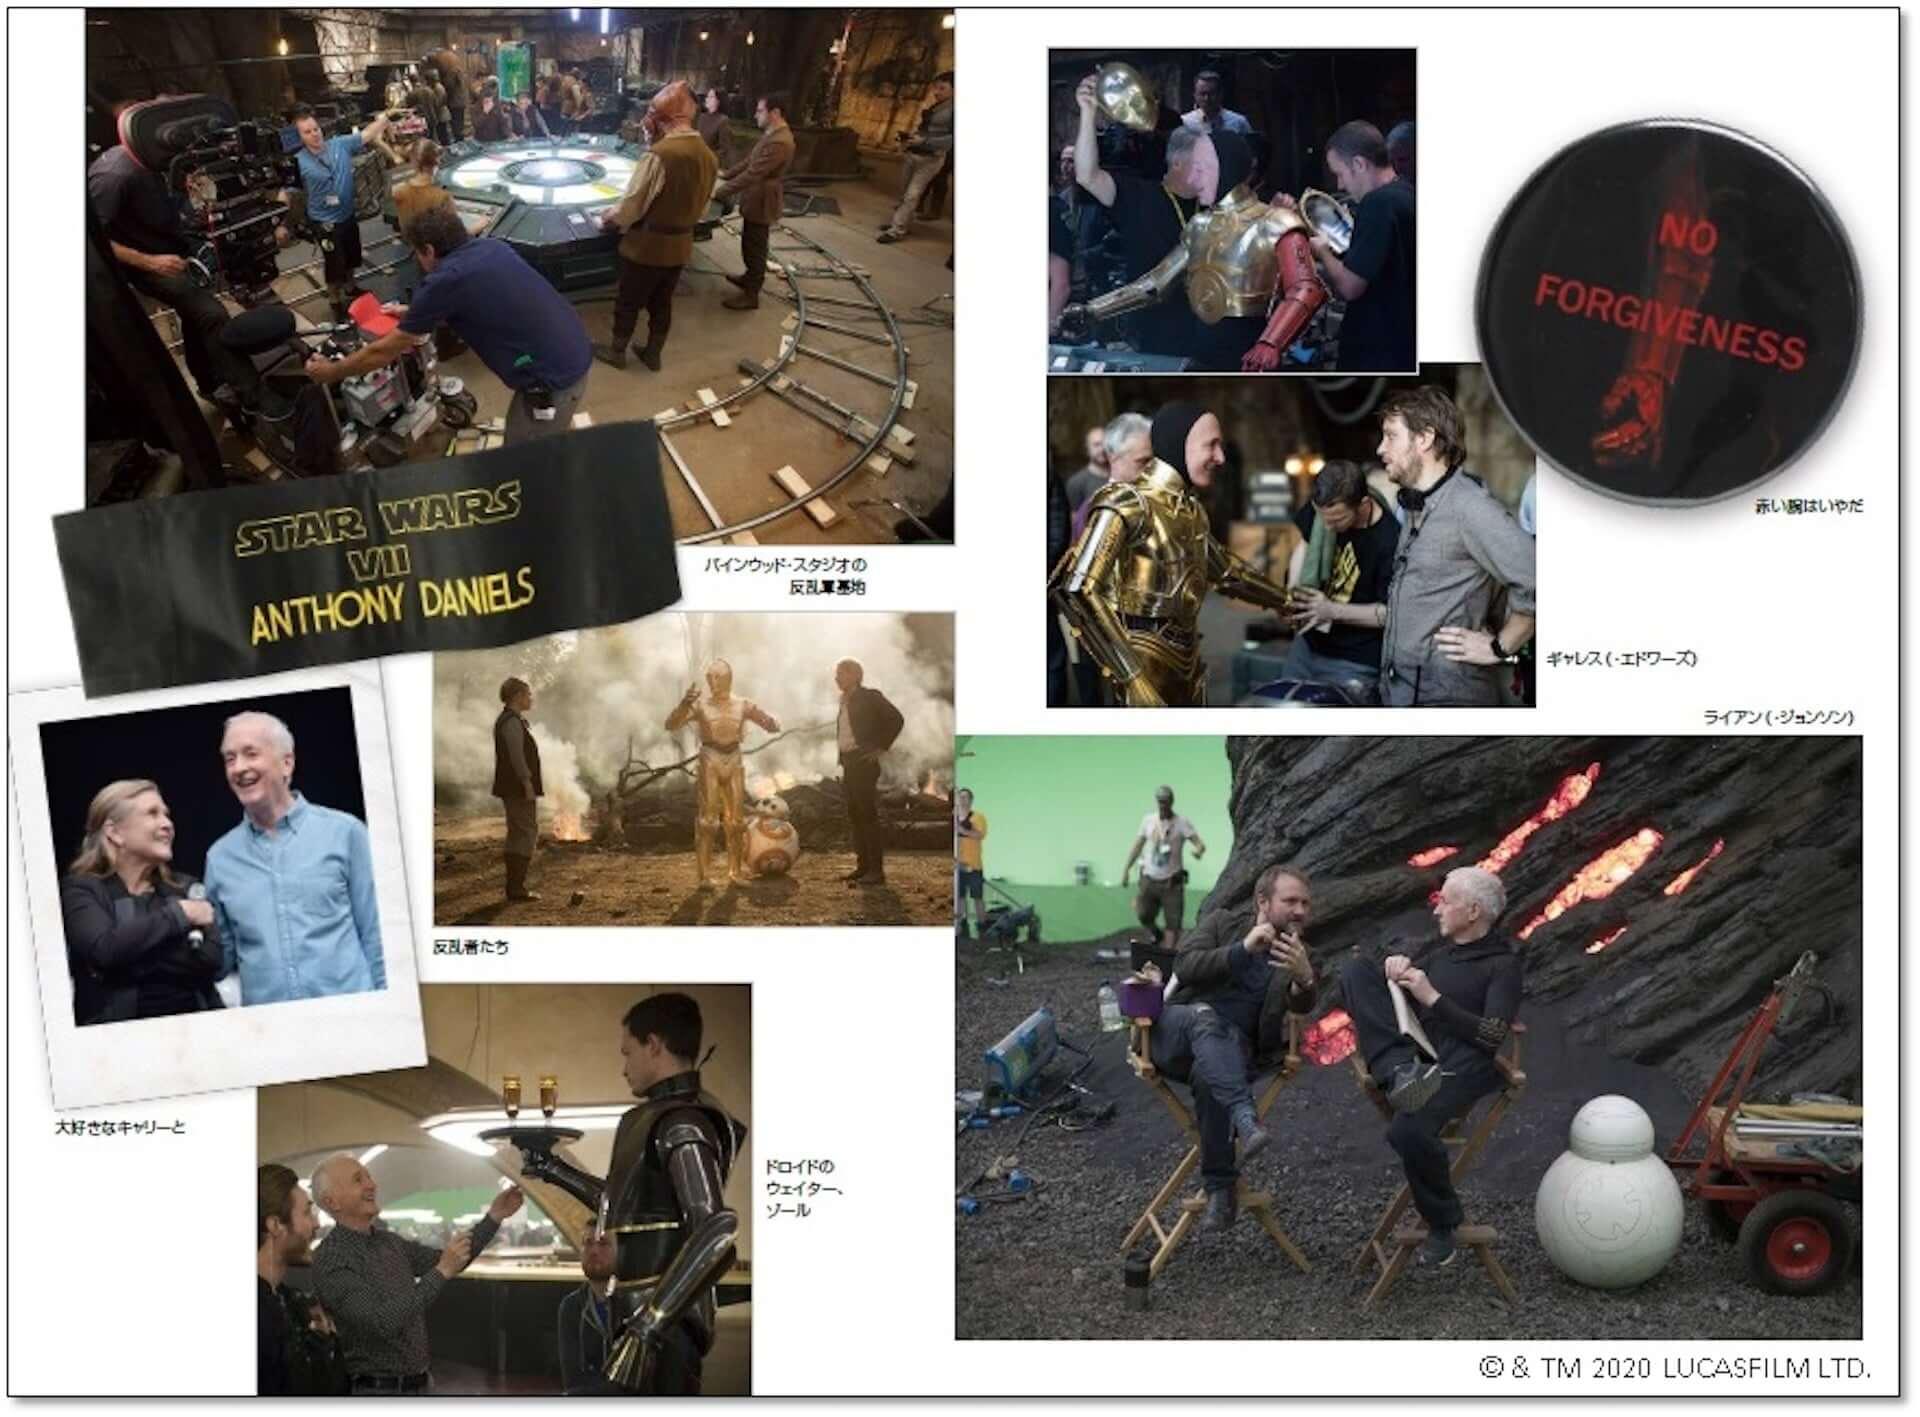 「スター・ウォーズ」シリーズ42年間の軌跡!C-3PO役のアンソニー・ダニエルズによる撮影回想録『私はC-3PO』本日刊行 art200326_iam_c3po_2-1920x1417